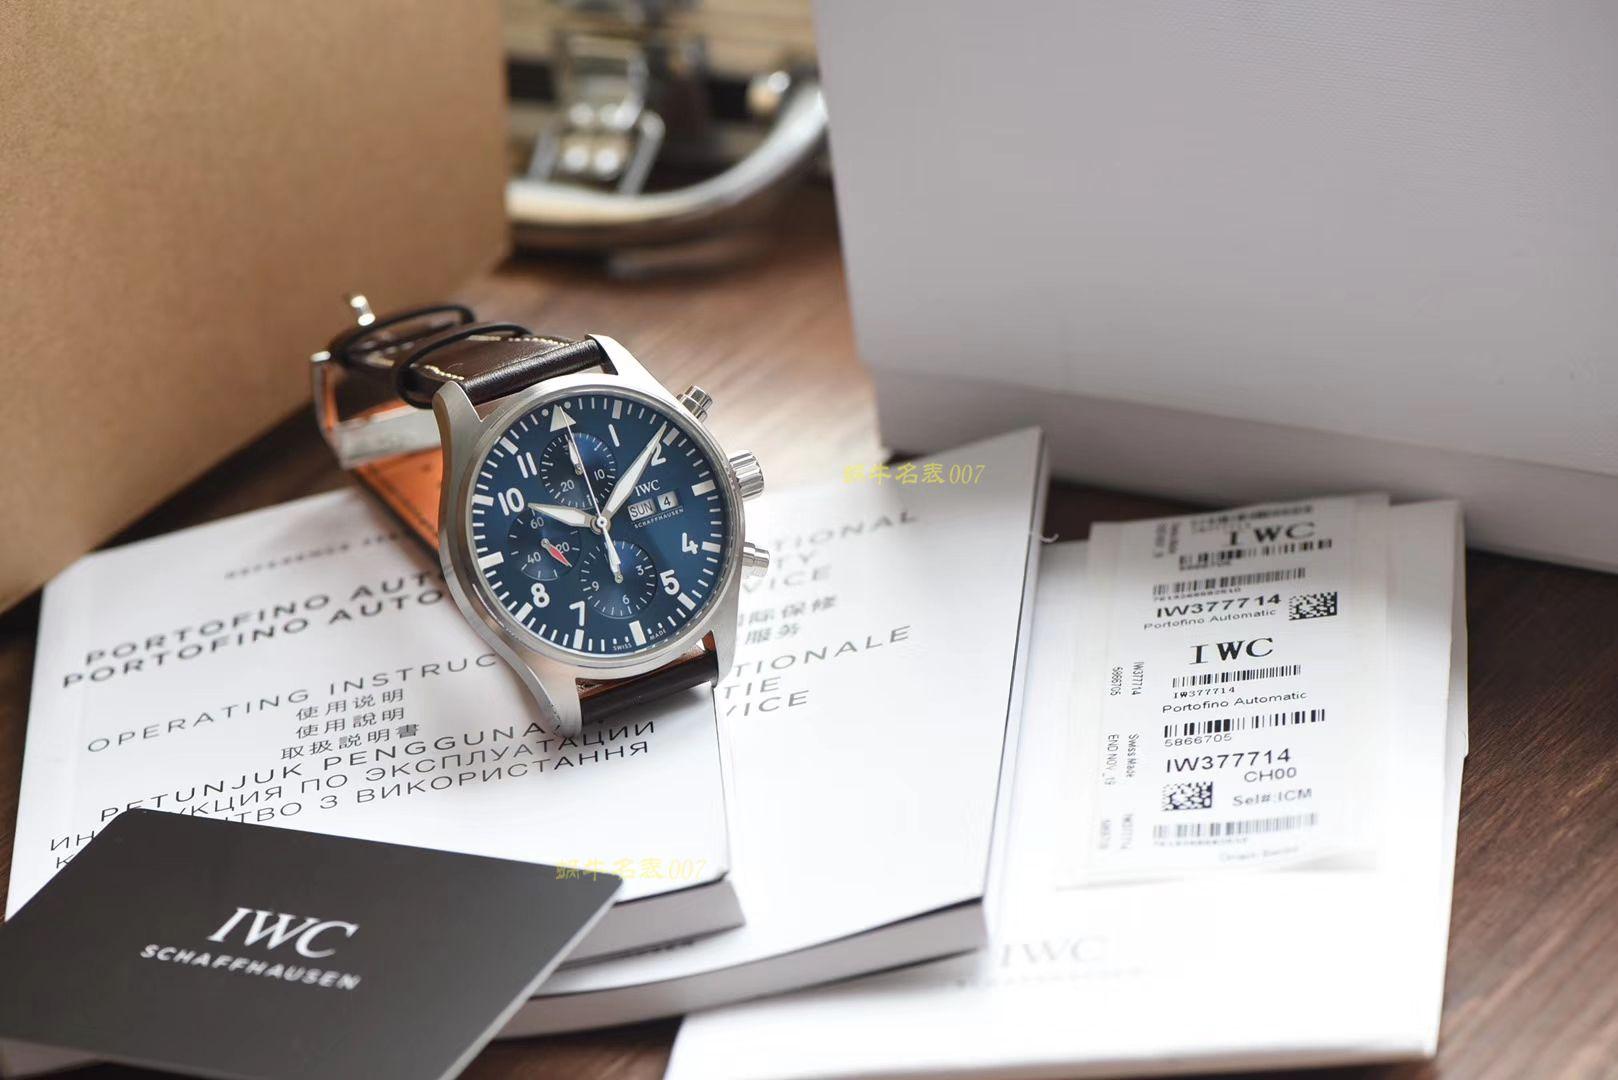 【视频评测、稀缺原单❗最新大全套,万国小王子】IWC万国表飞行员系列IW377714腕表(小王子)